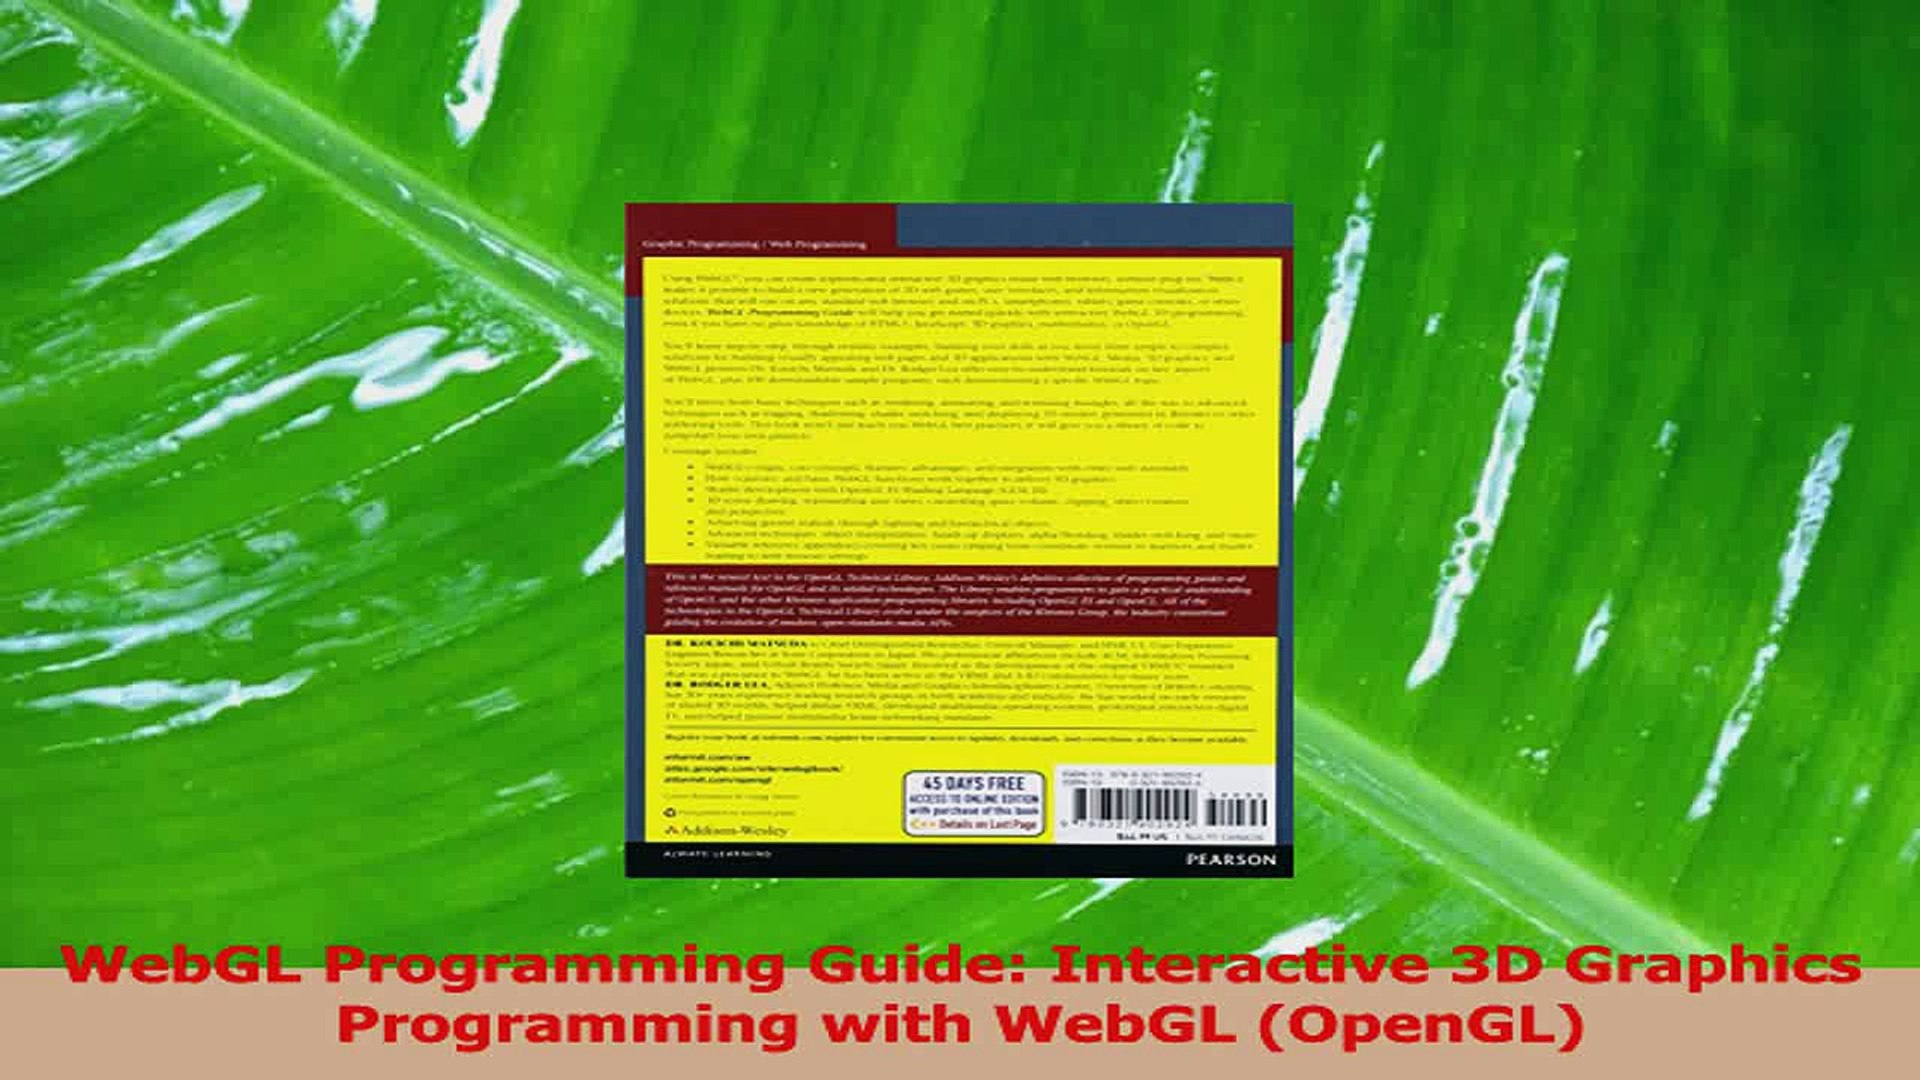 Interactive 3D Graphics Programming with WebGL WebGL Programming Guide